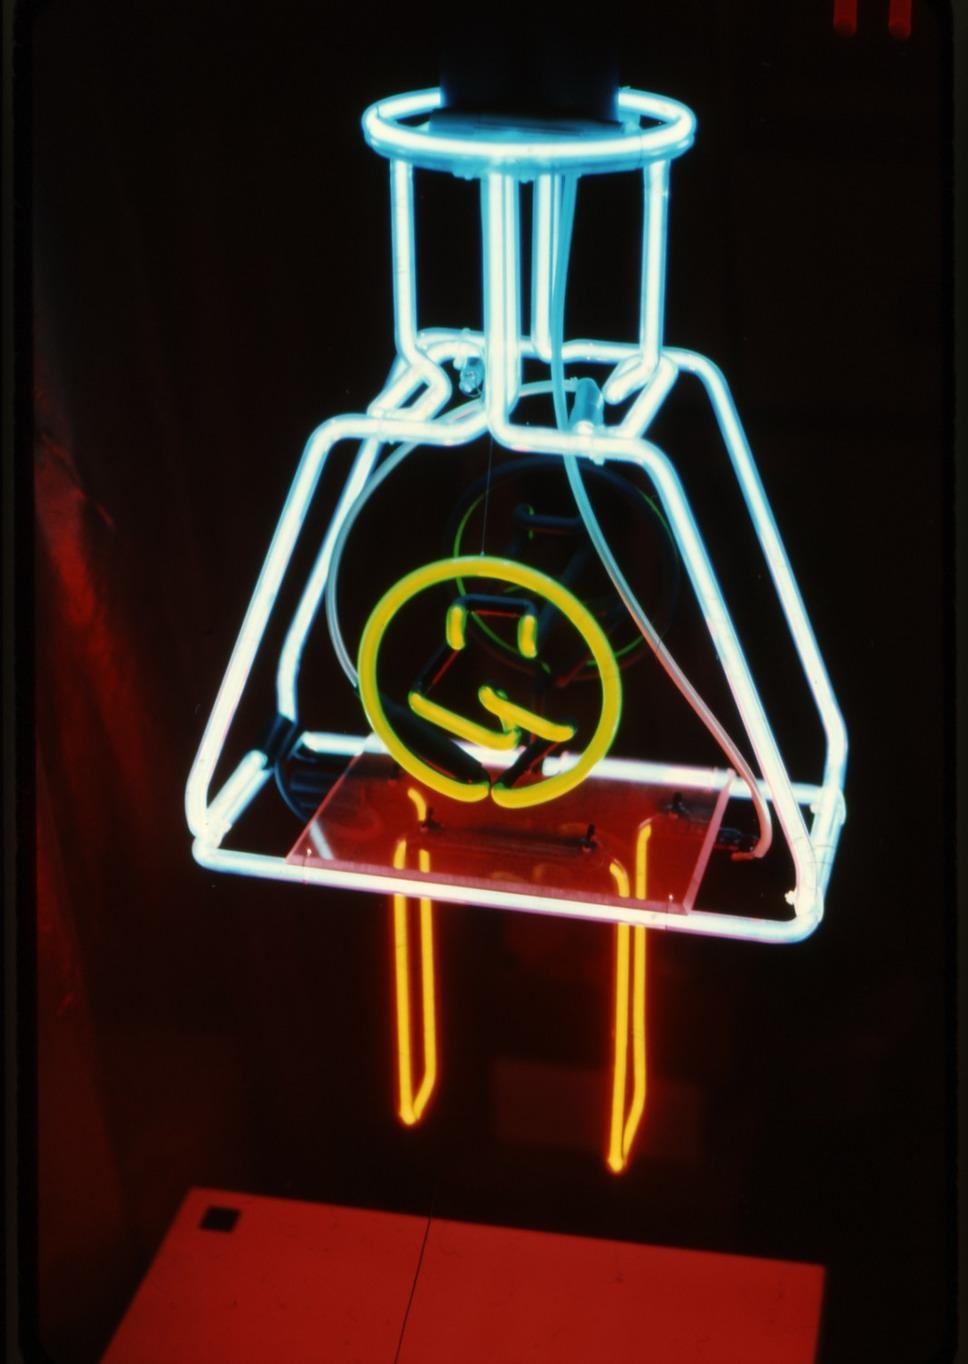 glow-plug_med_hr.jpg